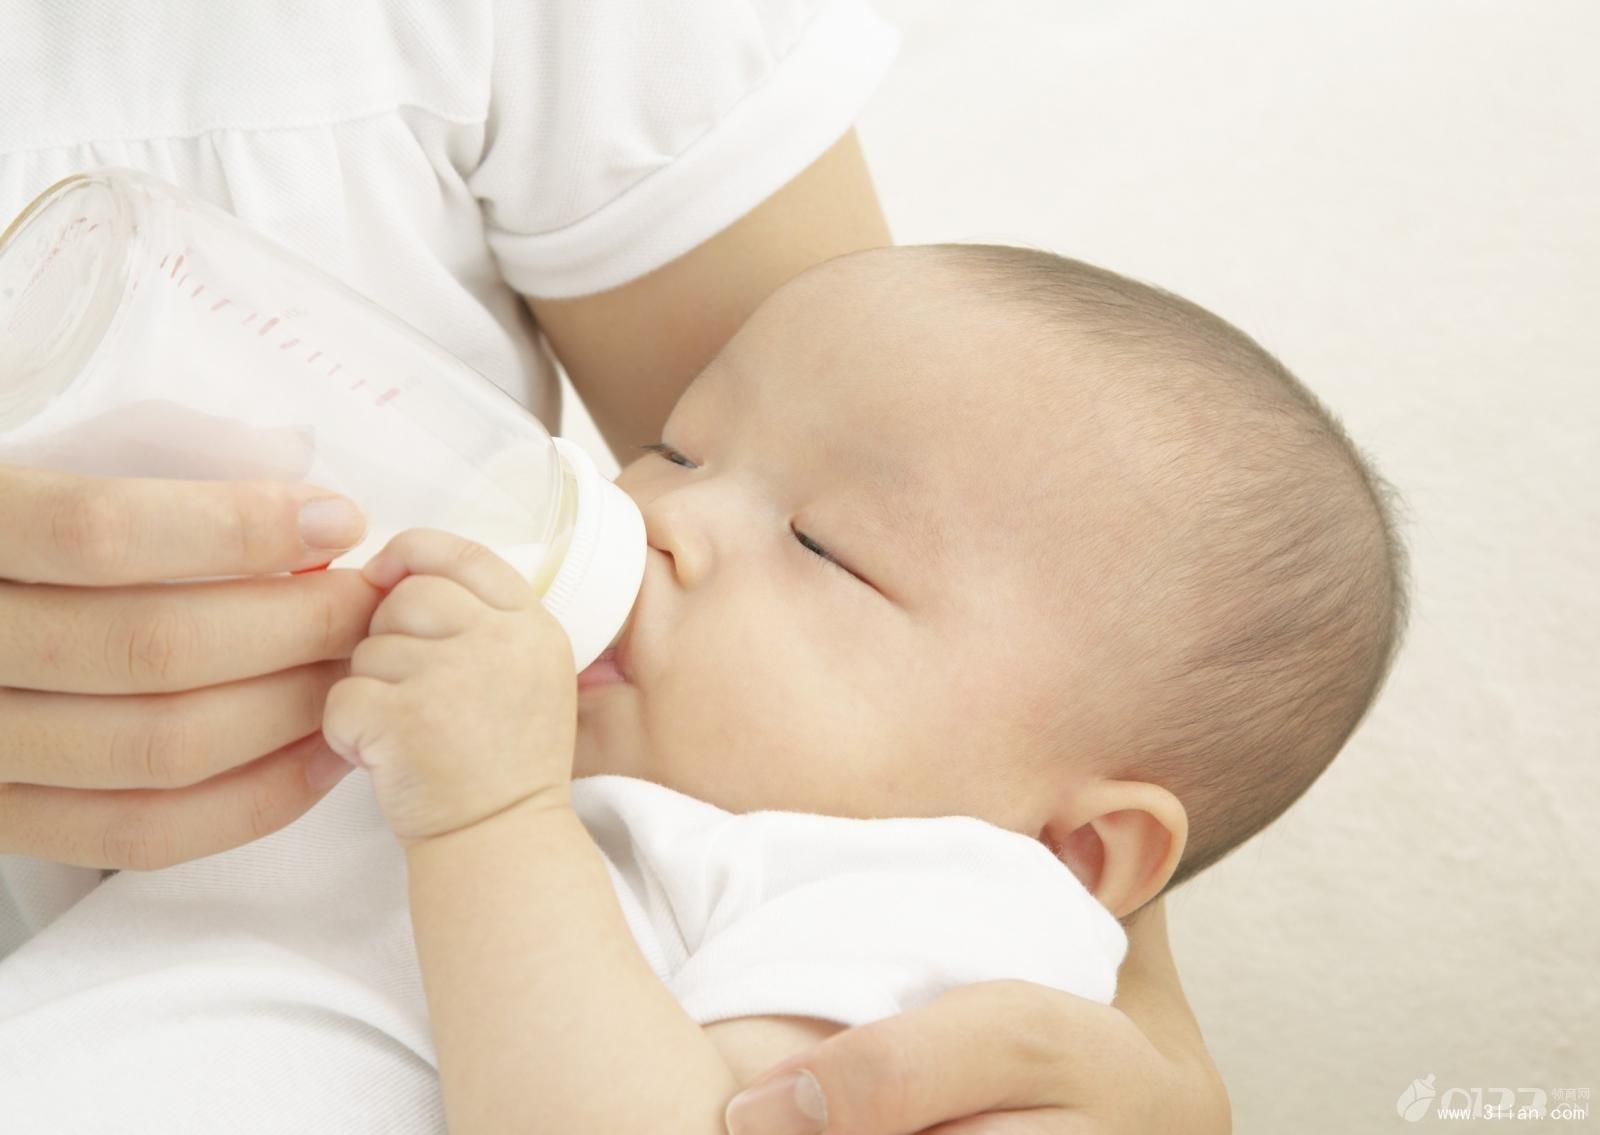 育儿冷知识4:冲奶时不要摇 不少父母都有一个不太好的习惯,给孩子冲奶粉时,总喜欢摇晃一下瓶身,感觉这样就能让奶粉充分溶解。但这样的做法其实满是问题,摇晃后奶瓶内会产生大量的气泡,这样的奶喝下去后孩子往往会打嗝,严重时甚至会吐奶。正确的做法是,宝爸宝妈们双手滚搓瓶身,既能够充分溶解奶粉,又不会产生气泡。 育儿冷知识5:宝宝的舌头是疾病报警器 宝宝的舌头是疾病报警器,它能够预示孩子的身体状况。一般而言,如果孩子的舌头发红、舌苔较少或是发干,就表示宝宝发烧了。如果舌苔上有一层厚厚的乳黄色垢污,则有可能是因为乳